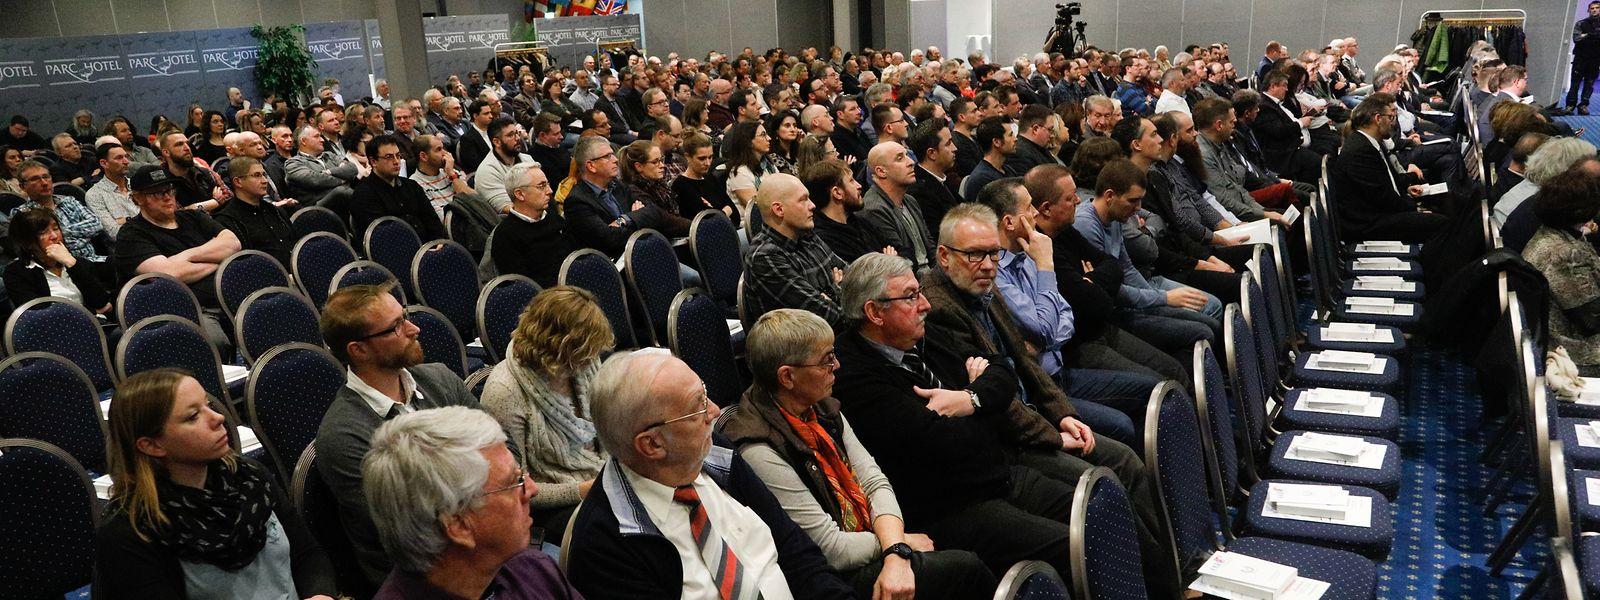 Près de 350 agents de l'Etat ont répondu présent, lundi soir à l'invitation de la CGFP qui fêtait ses 110 ans d'existence au Parc Hôtel Alvisse à Dommeldange.